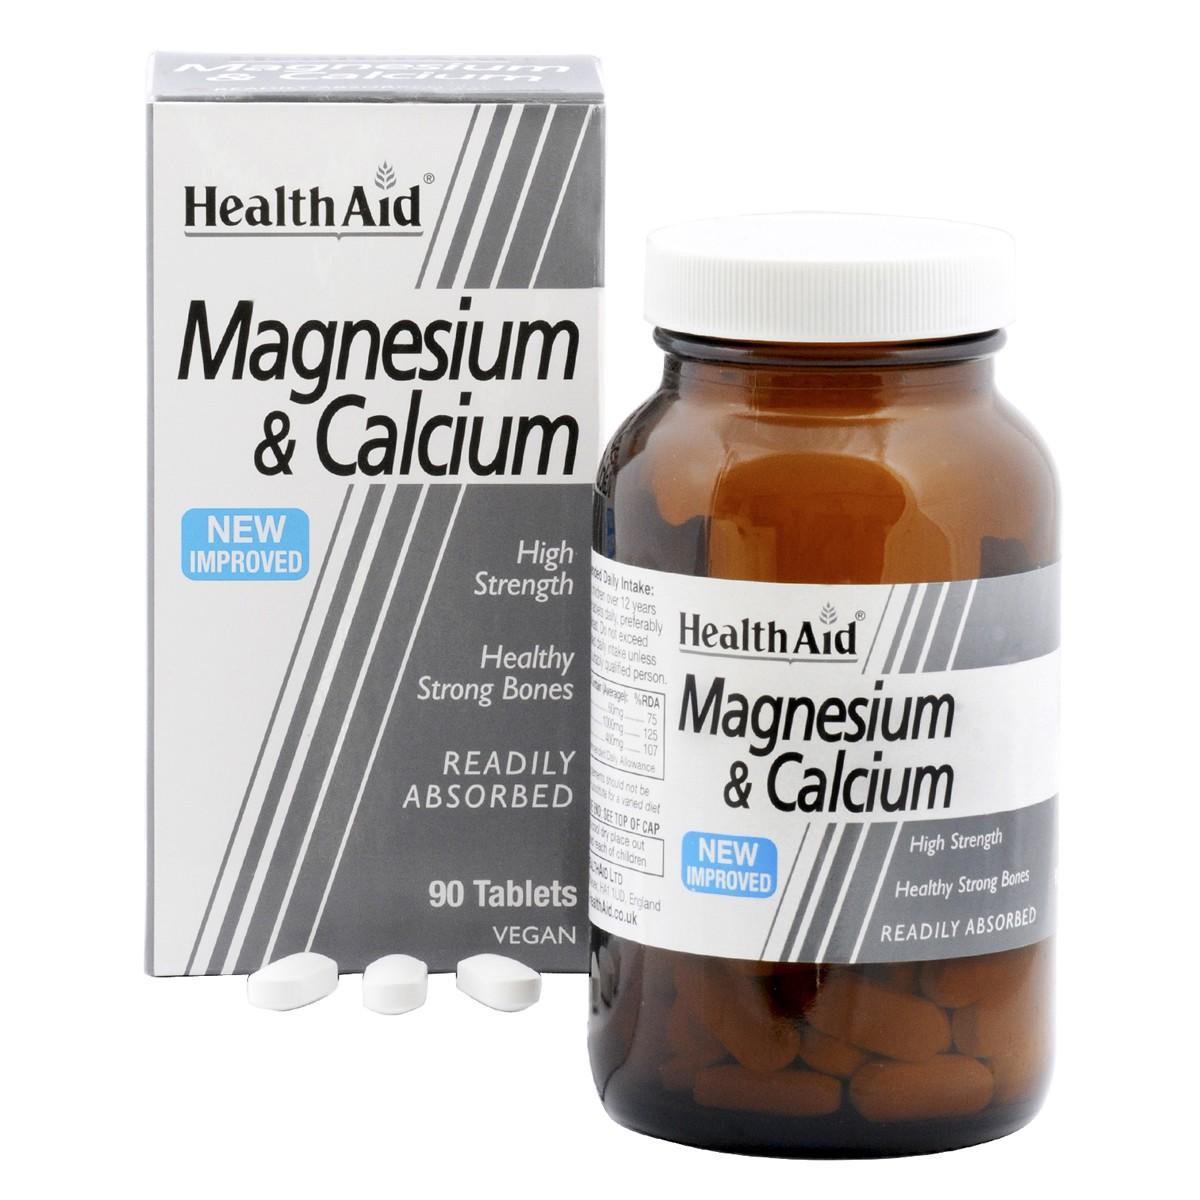 HealthAid Magnesium & Calcium